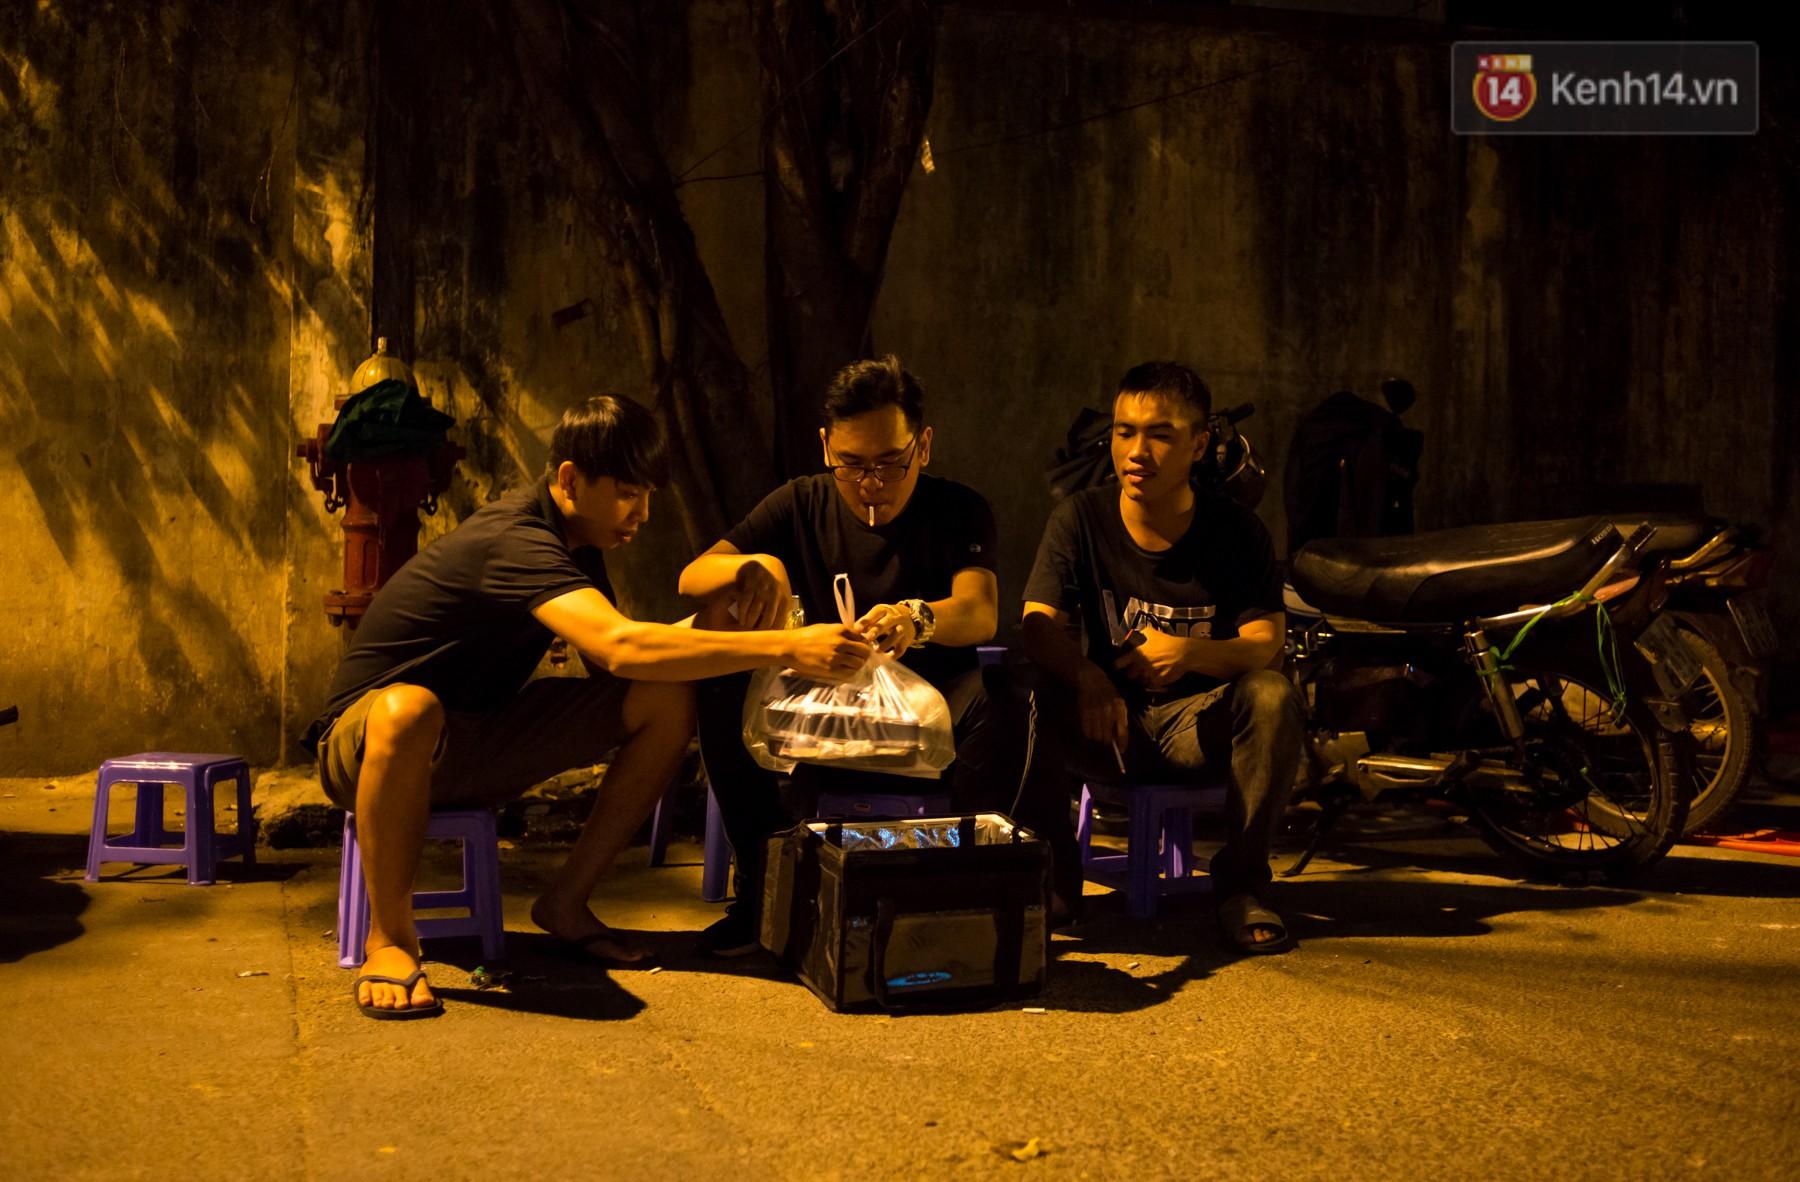 Dịch vụ giao thức ăn đêm ở Sài Gòn tăng cường hoạt động đến gần 3h sáng trong mùa World Cup - Ảnh 2.